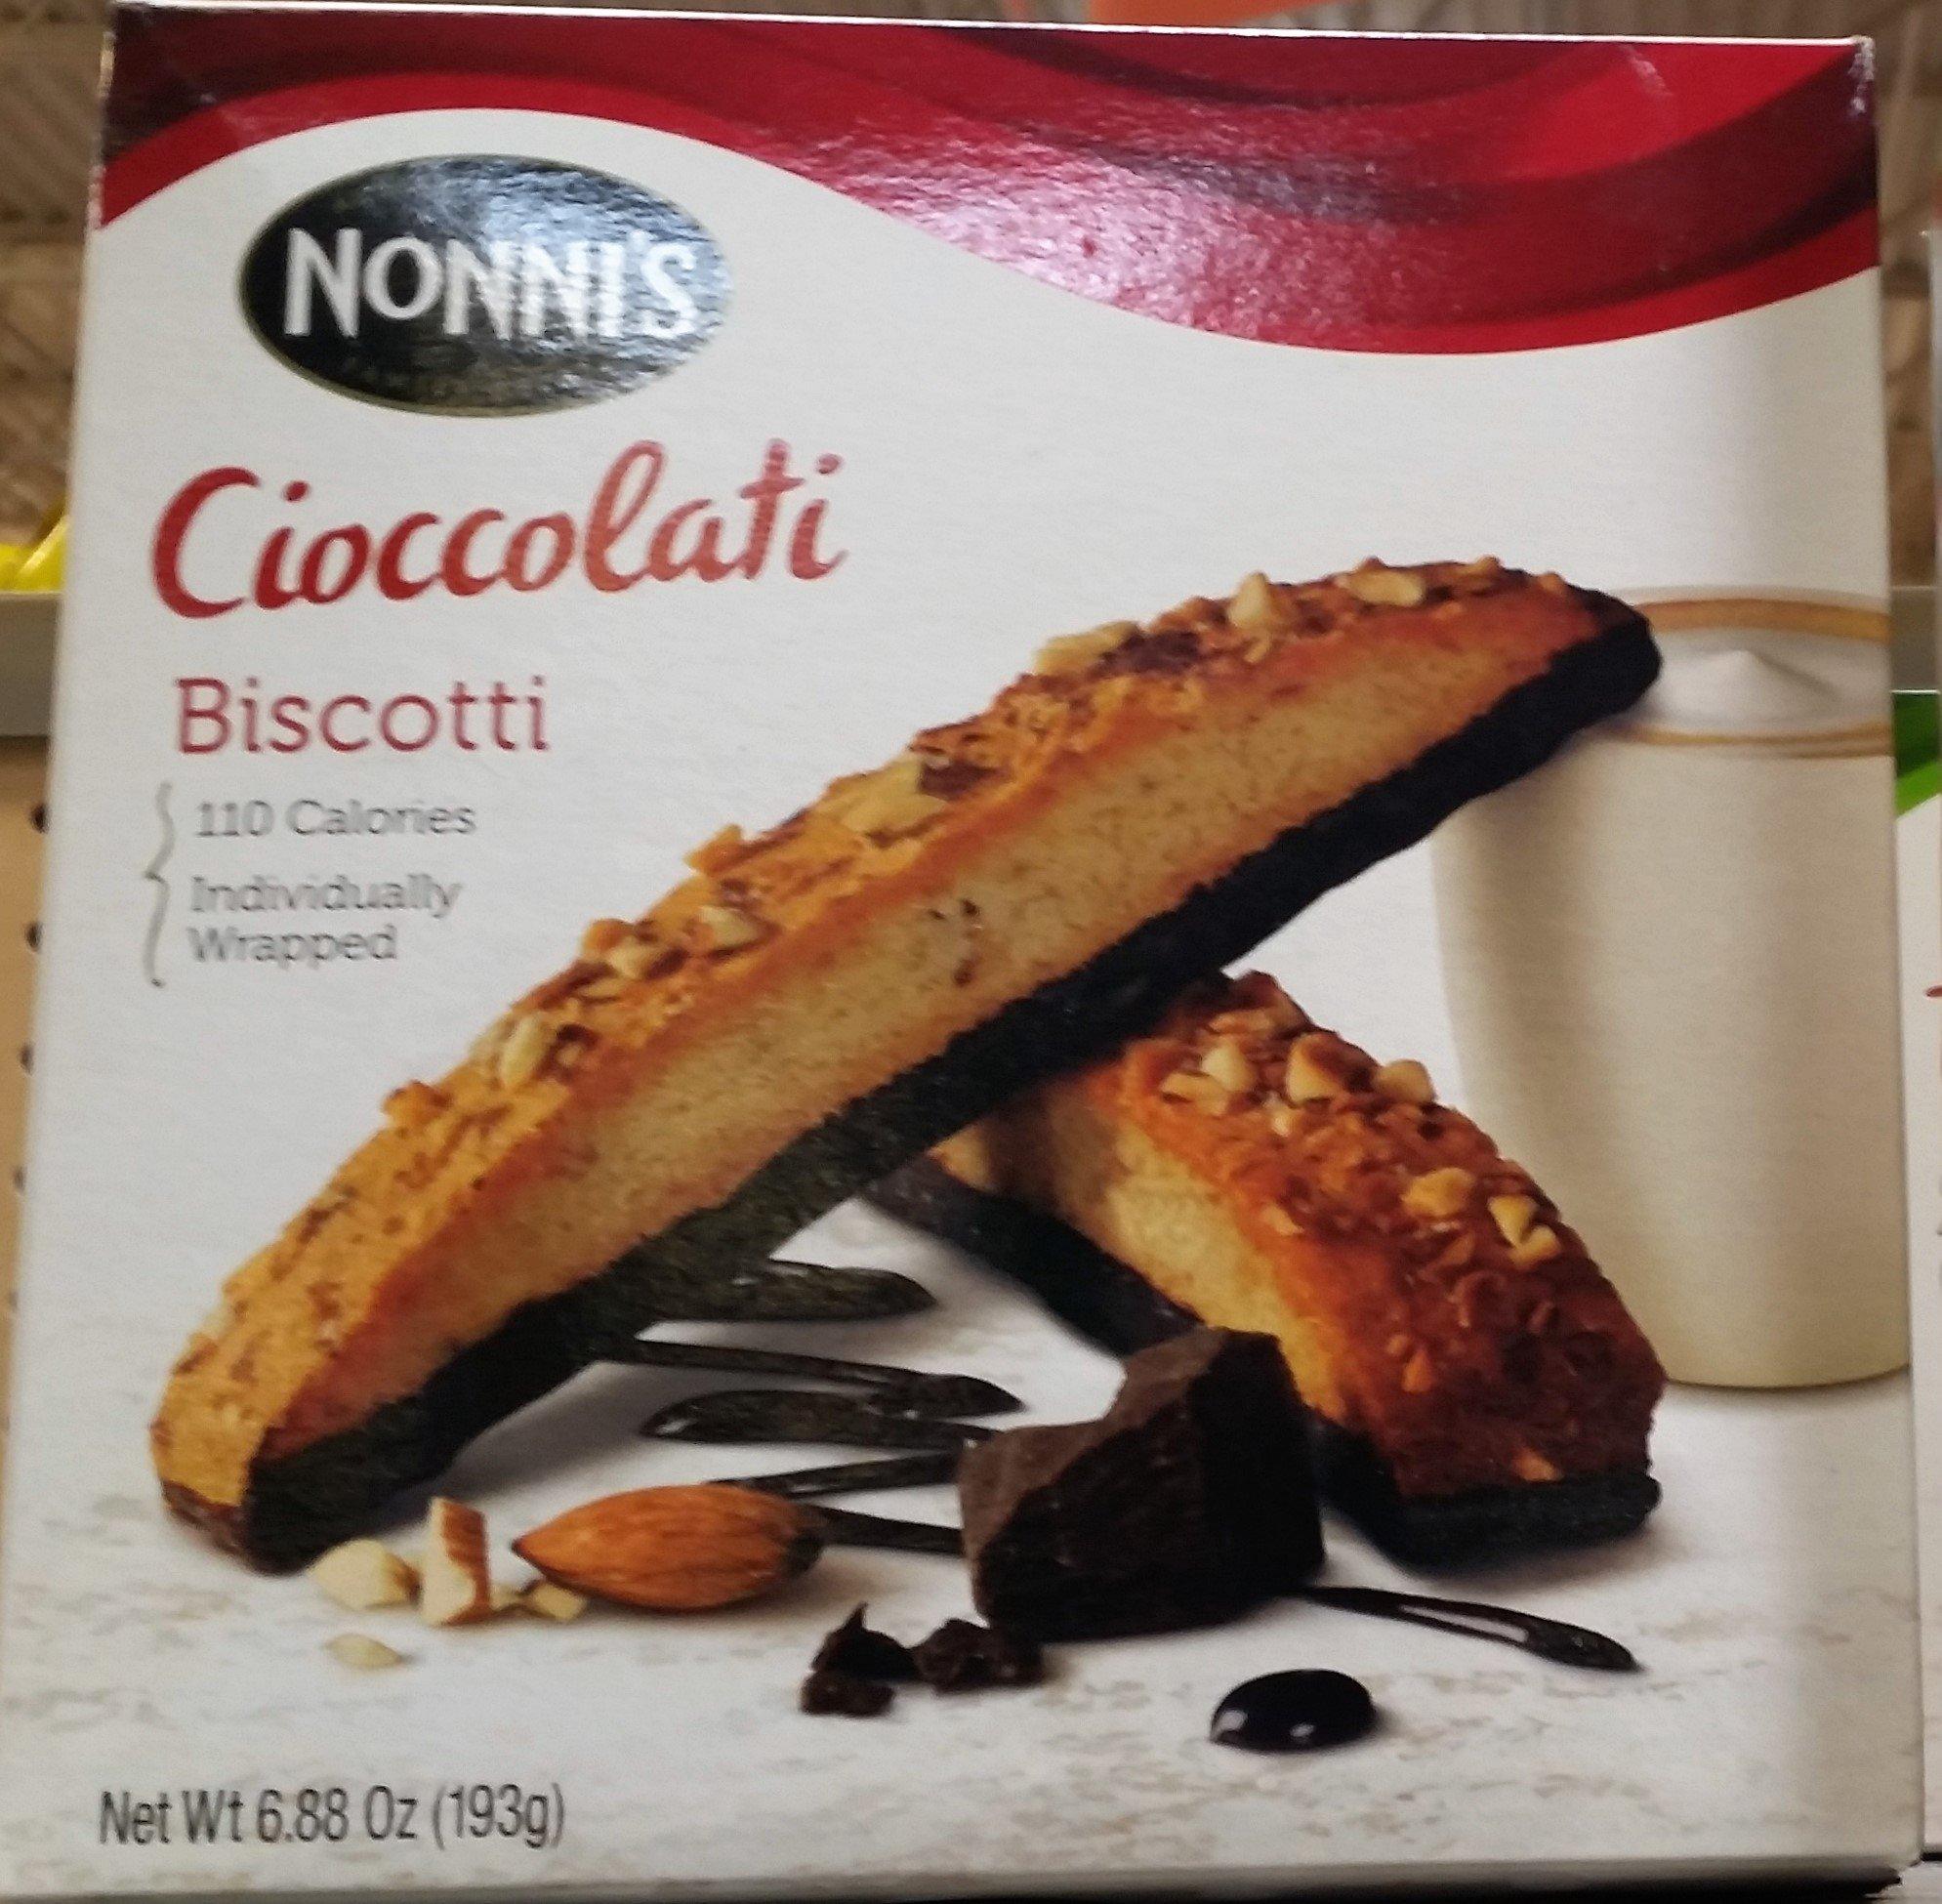 Nonni's Cioccolati Biscotti 6.88 oz (Pack of 3)